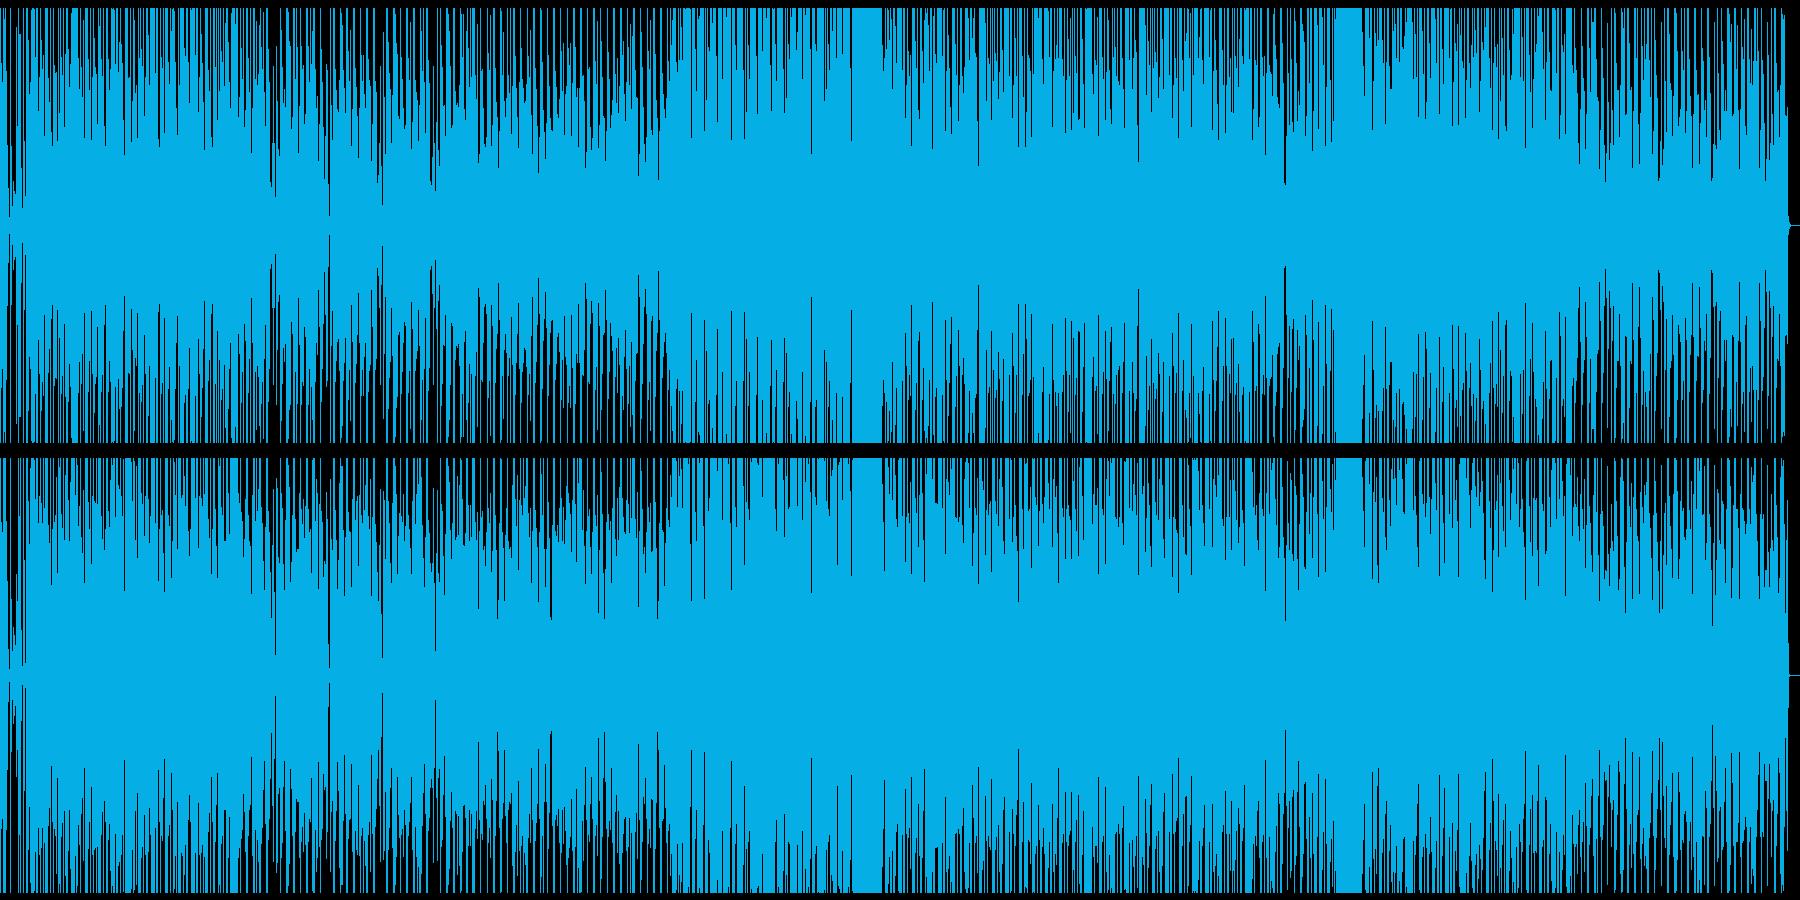 シンプルなテクノ 重圧があるリズムの再生済みの波形